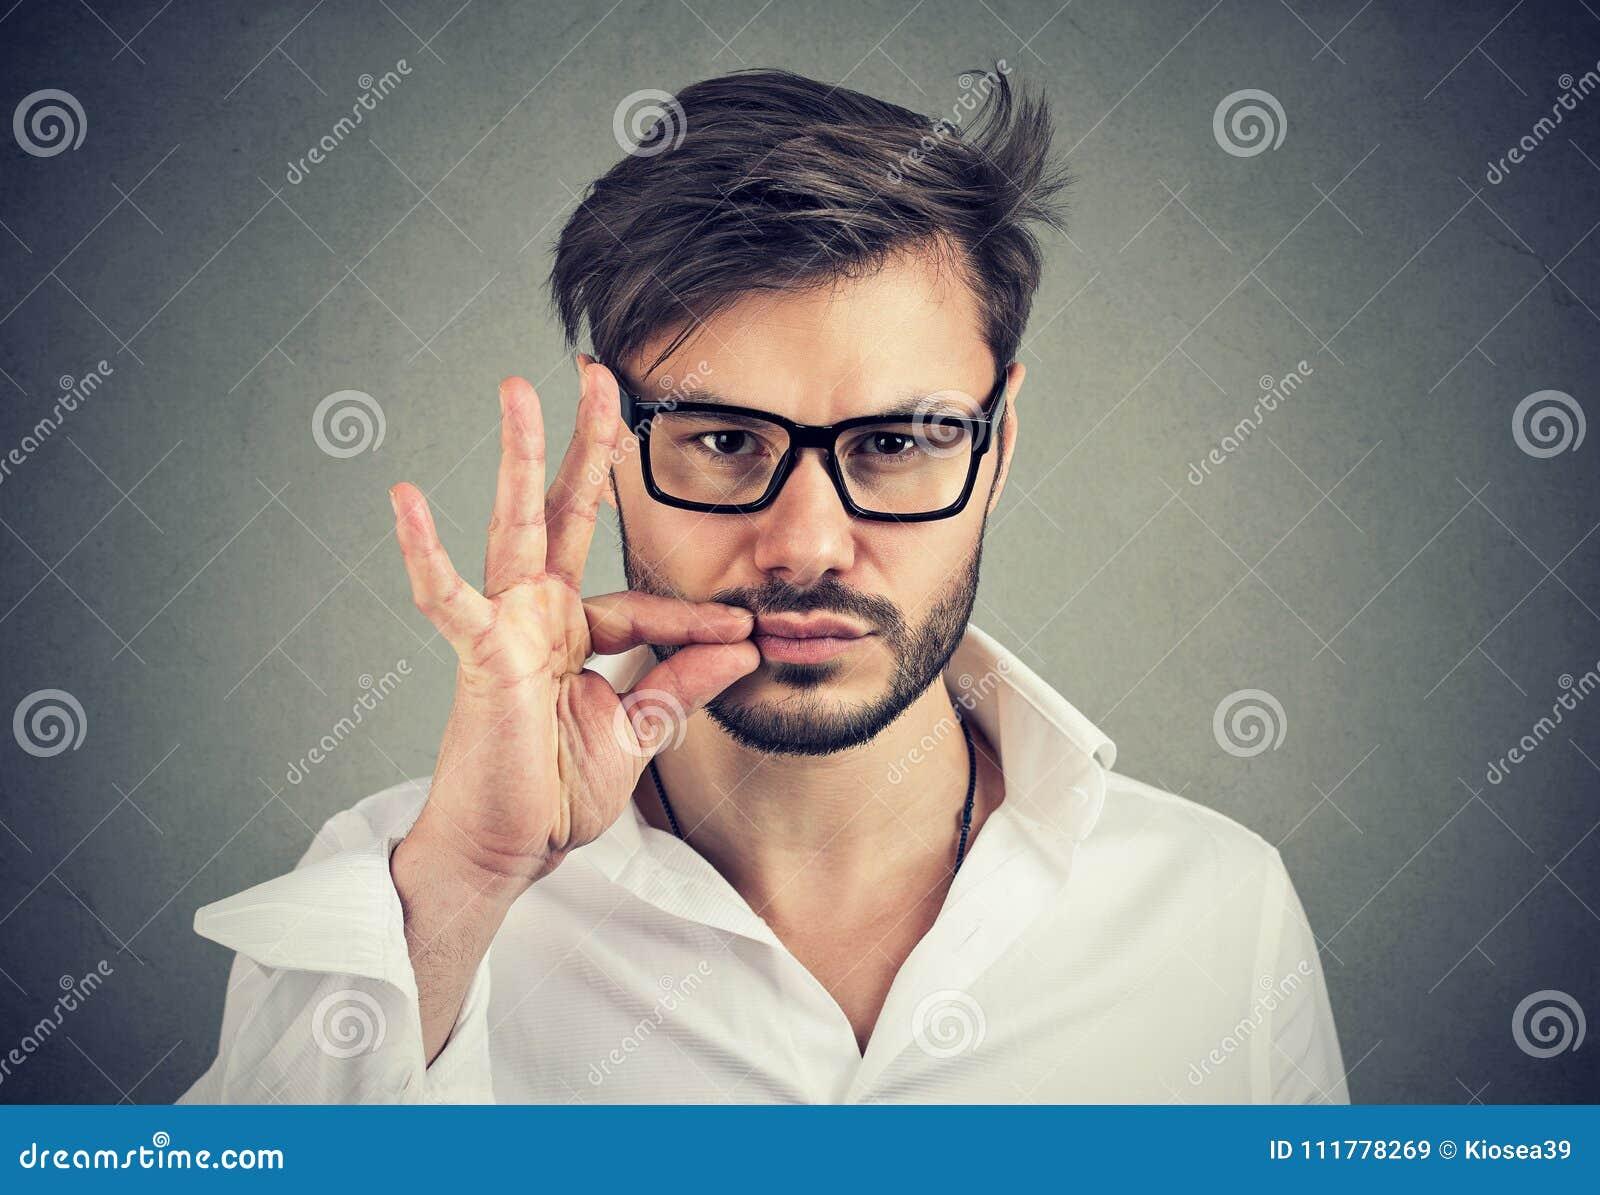 Keep a secret, man zipping his mouth shut. Quiet concept